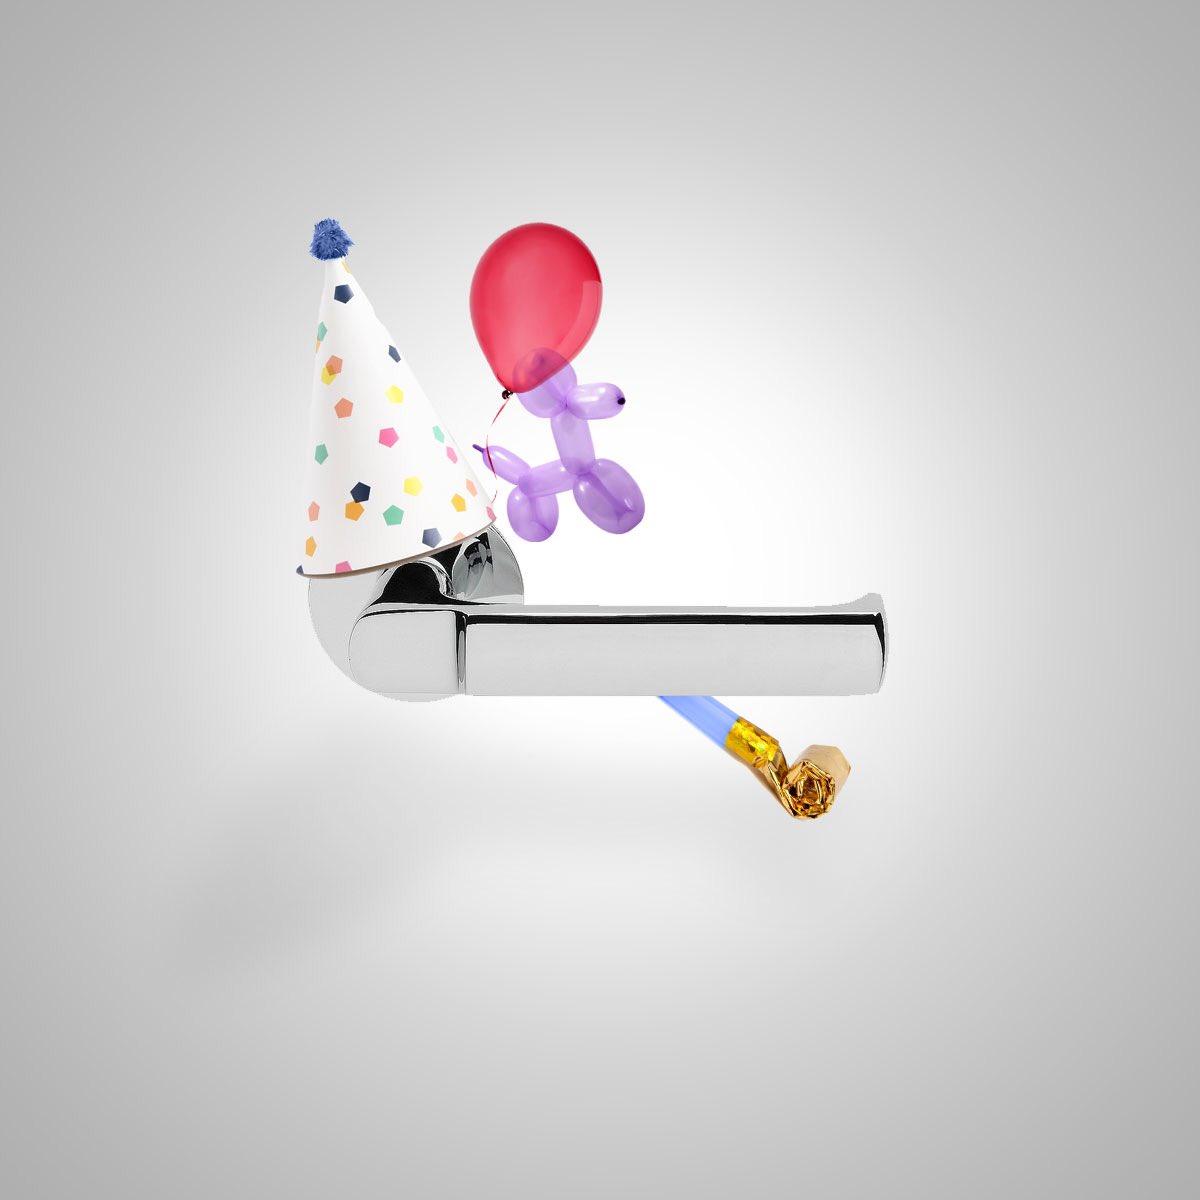 Poikkeusaikoina pienetkin asiat ovat syitä juhlaan. Sen tietää myös ABLOY 6647, jolle helatorstai on jokavuotinen juhlapäivä ja varma kesän merkki. Hyvää helatorstaita! #AbloyForTrust #helatorstai https://t.co/PyYR3dy5tk